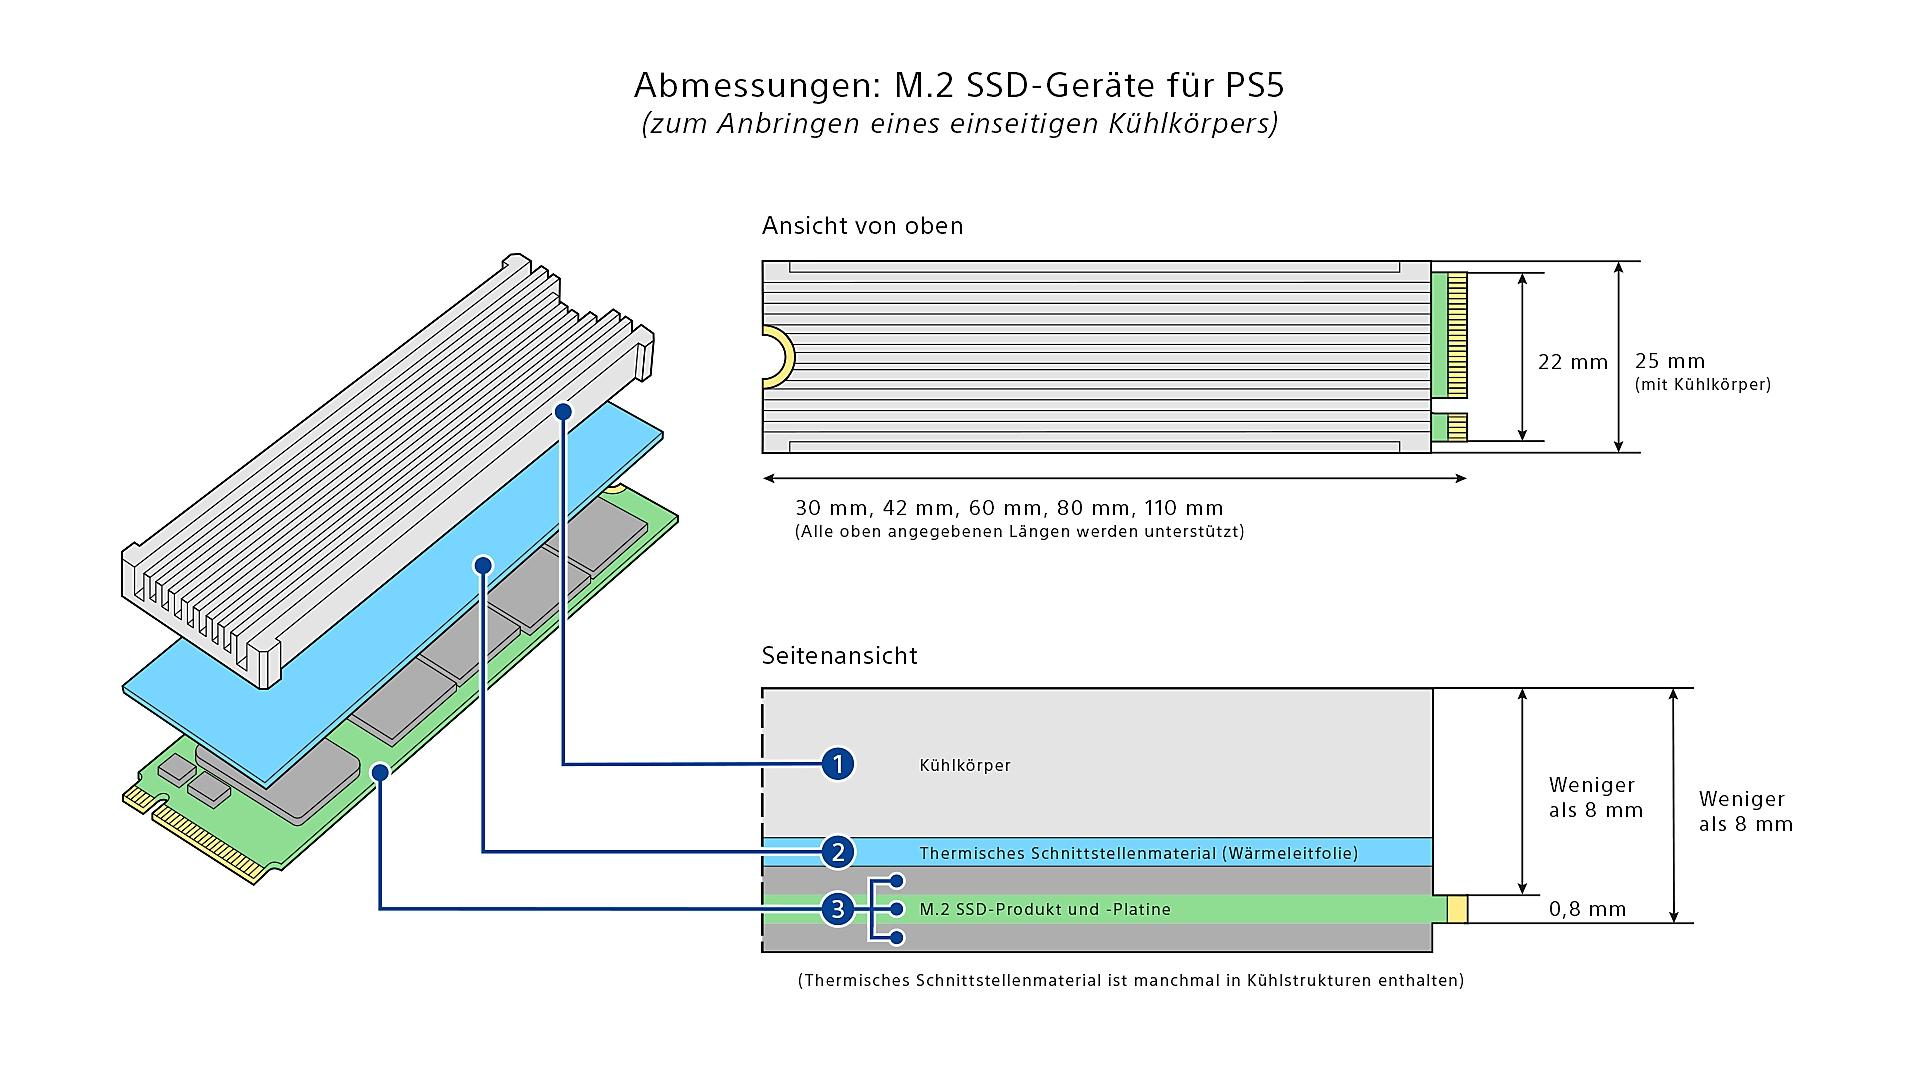 M.2 SSD mit einem einzelnen Kühlkörper